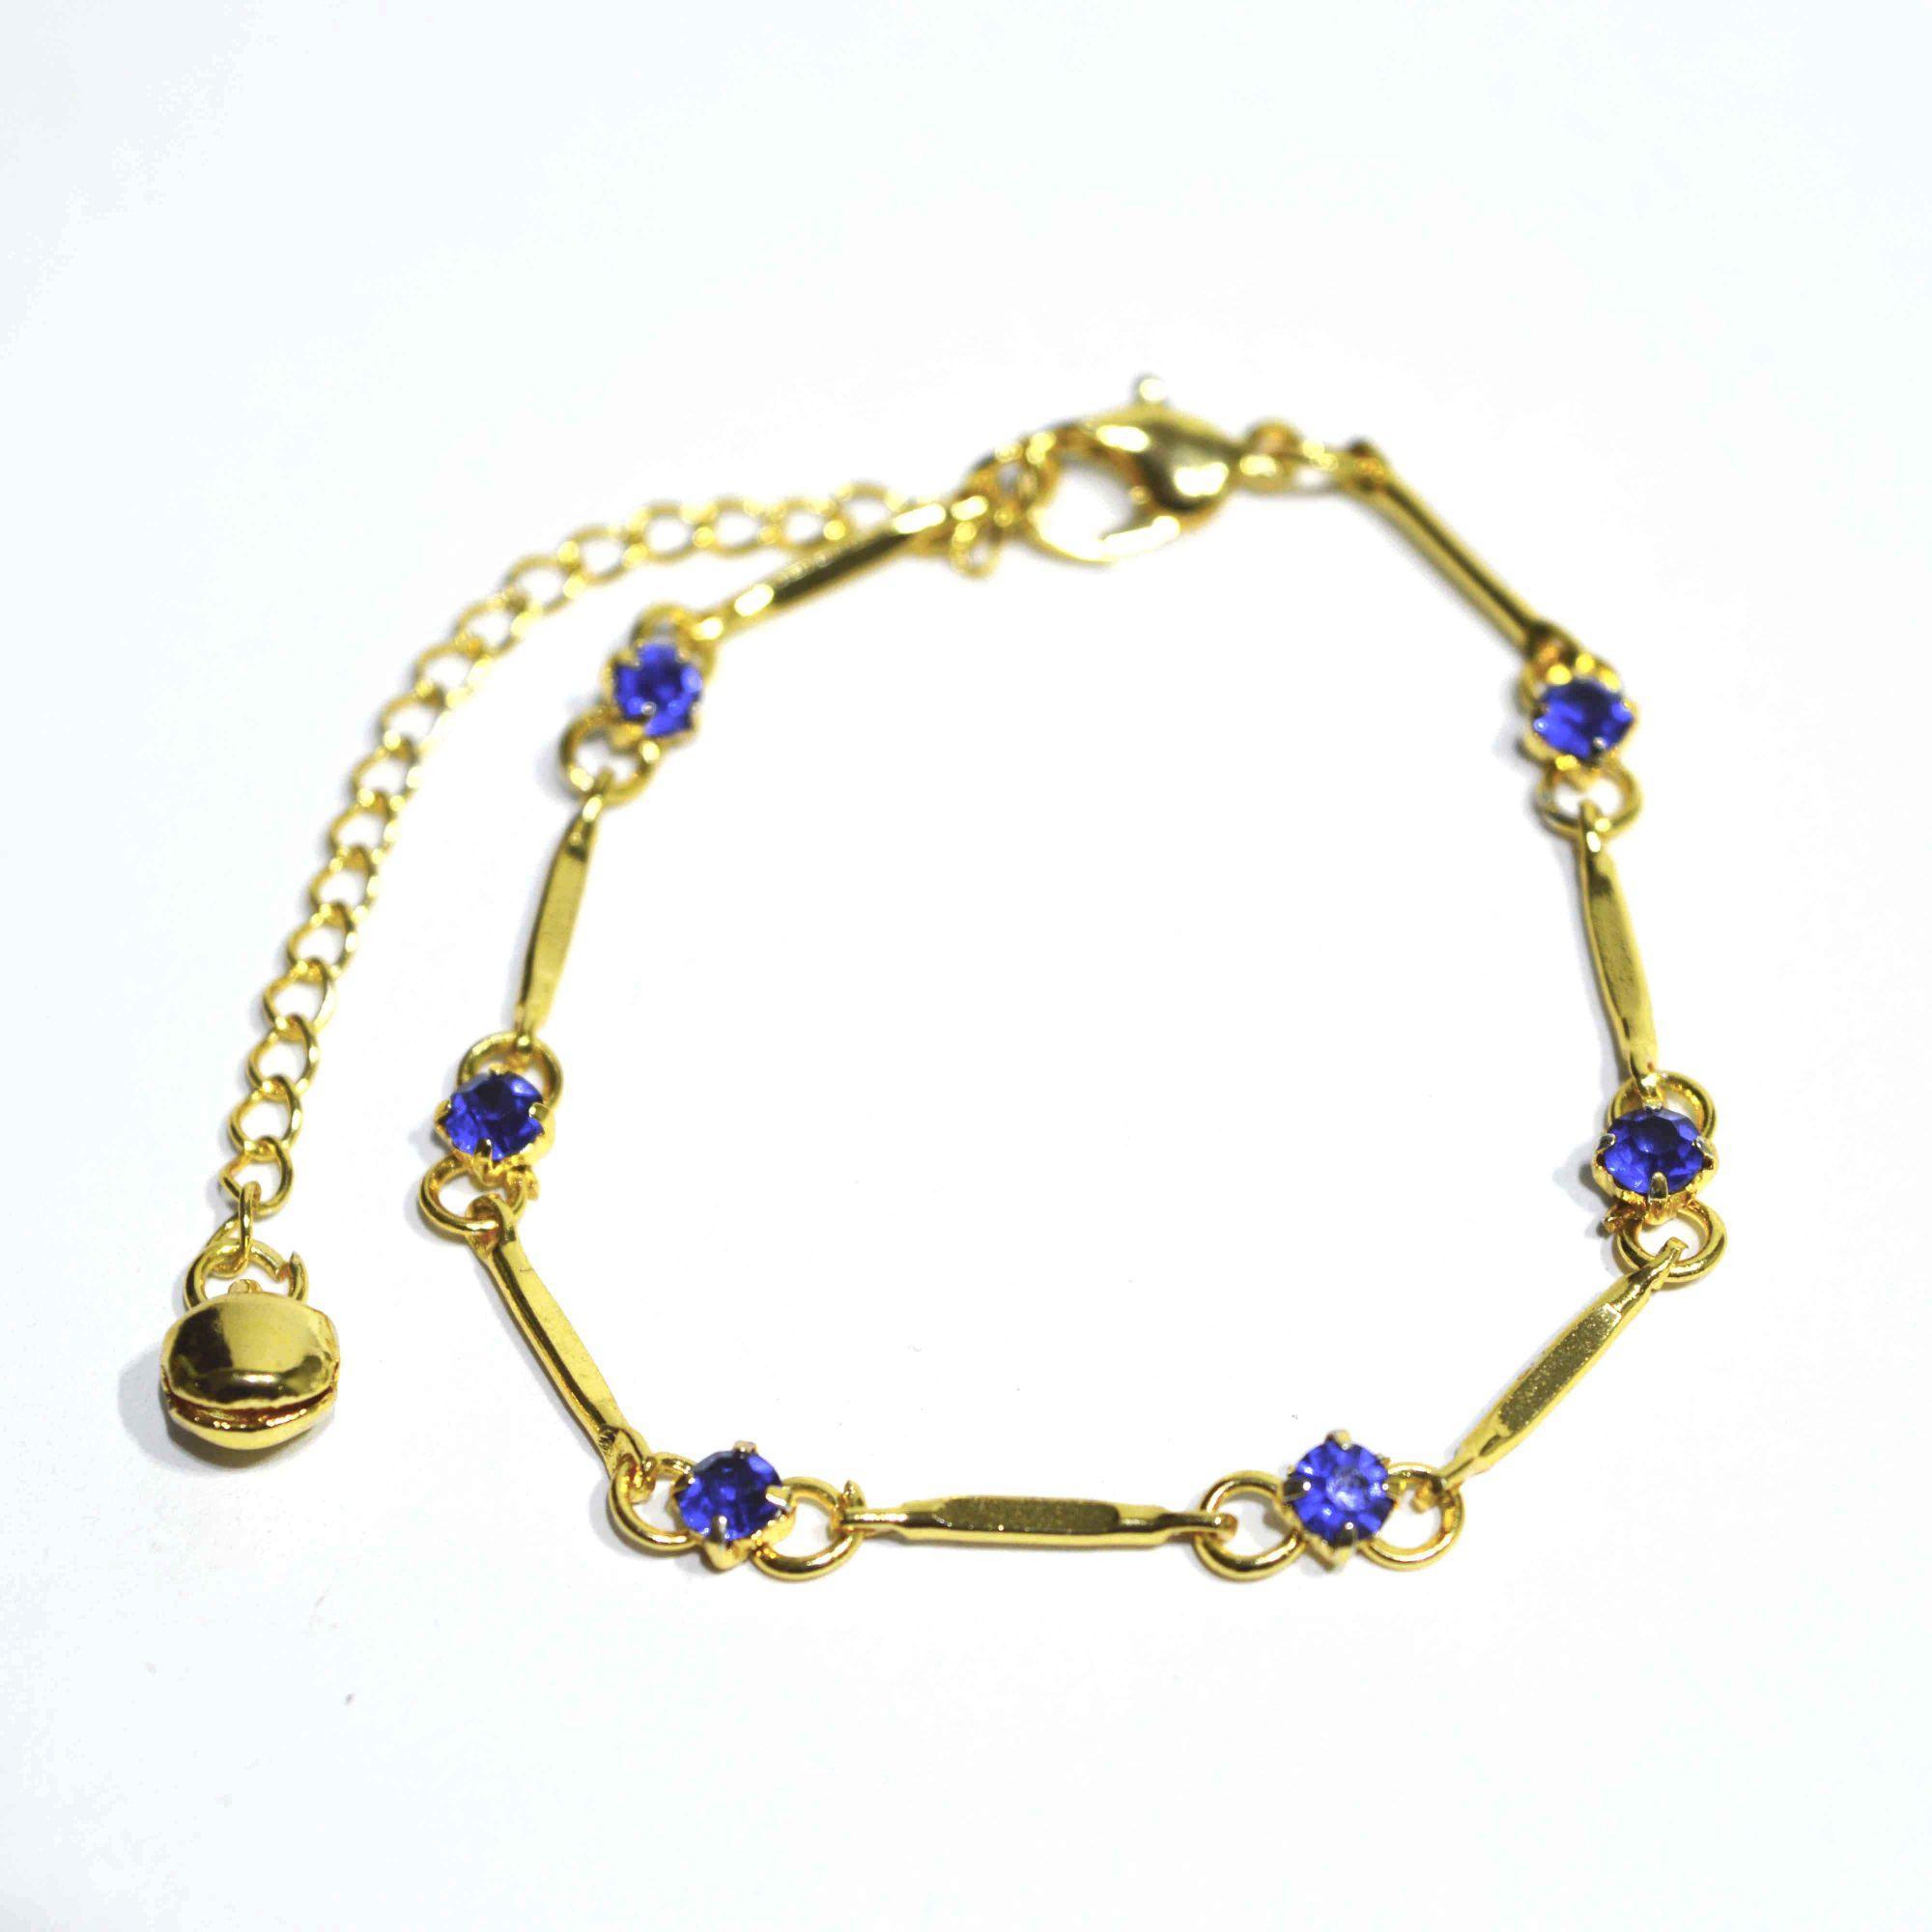 Pulseira Shine Feminina Aço Dourado Pontos Azuis